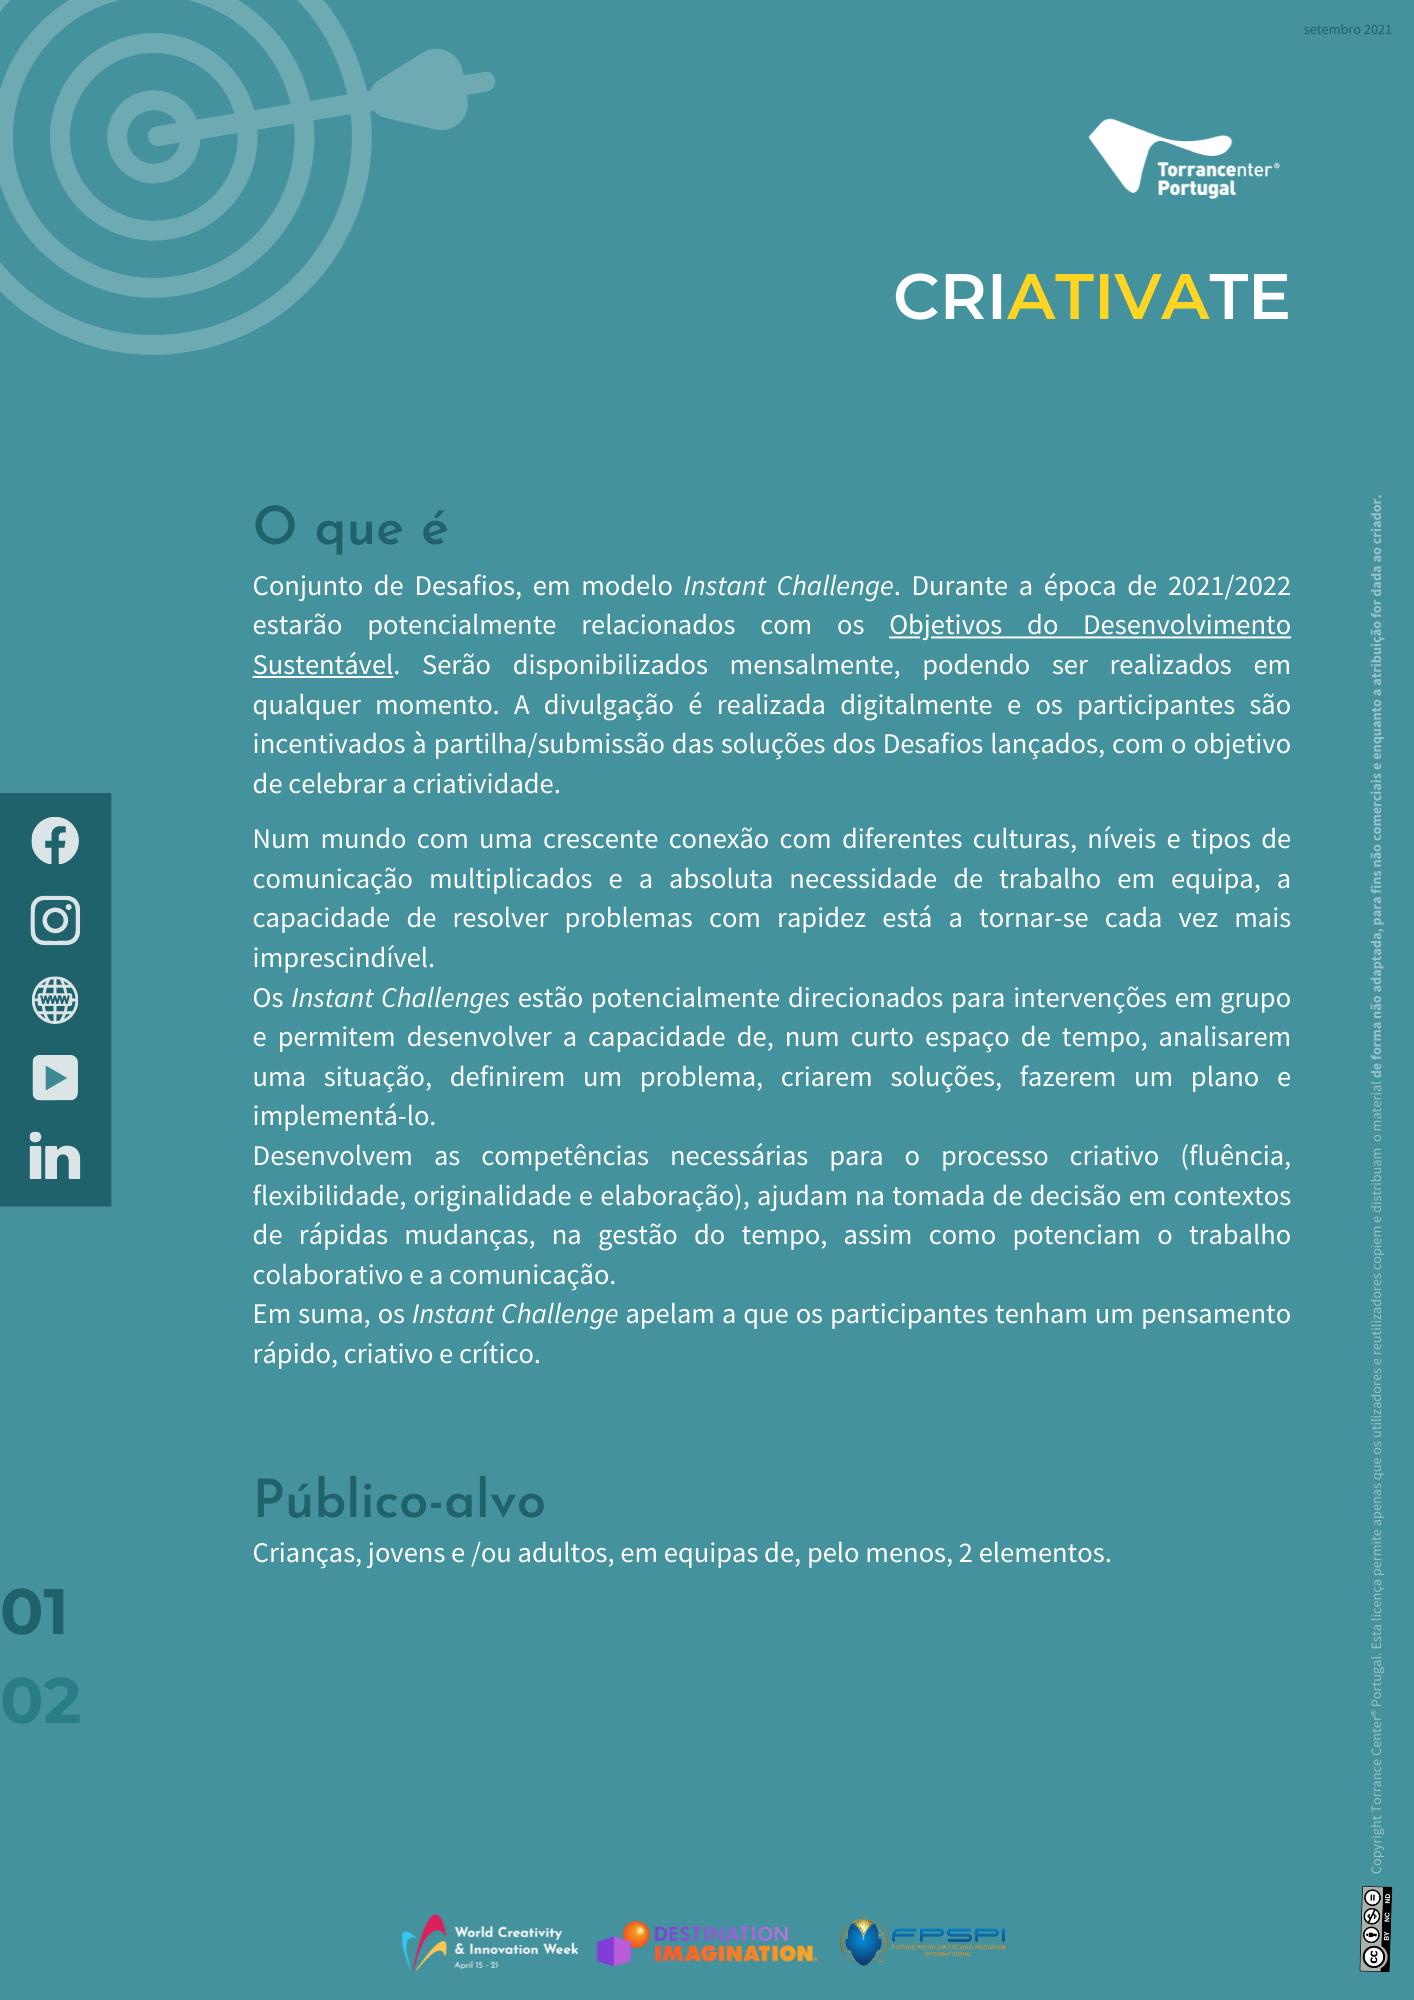 CriAtivaTE